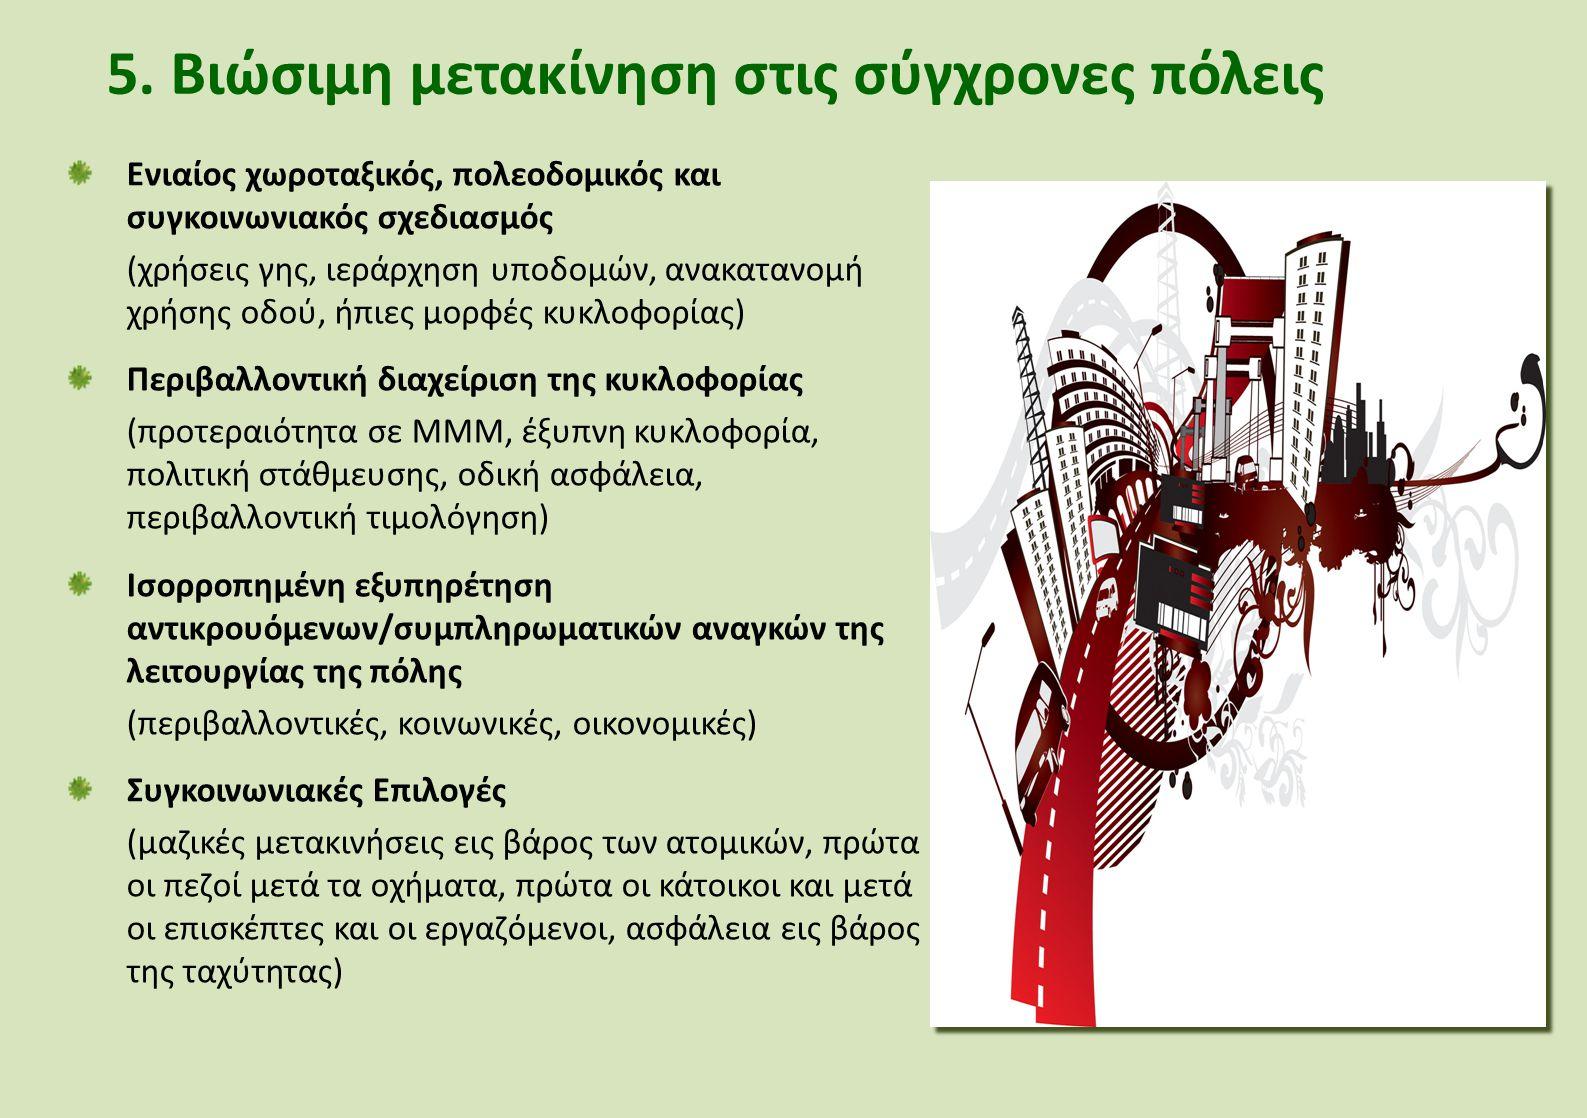 5. Βιώσιμη μετακίνηση στις σύγχρονες πόλεις Ενιαίος χωροταξικός, πολεοδομικός και συγκοινωνιακός σχεδιασμός (χρήσεις γης, ιεράρχηση υποδομών, ανακαταν